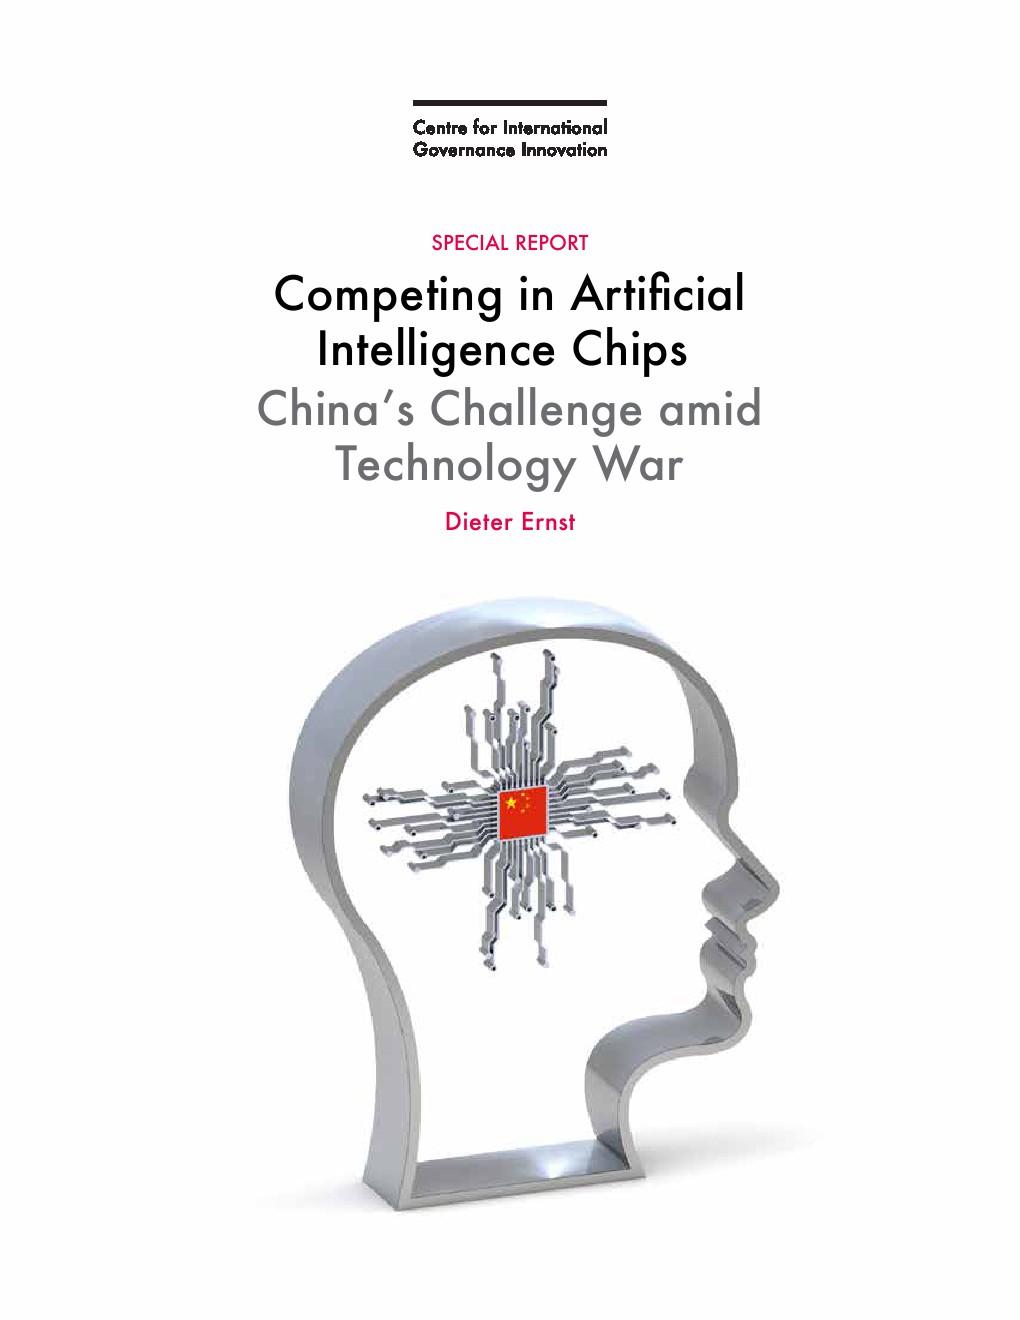 人工智能芯片之争报告:技术战中的中国挑战